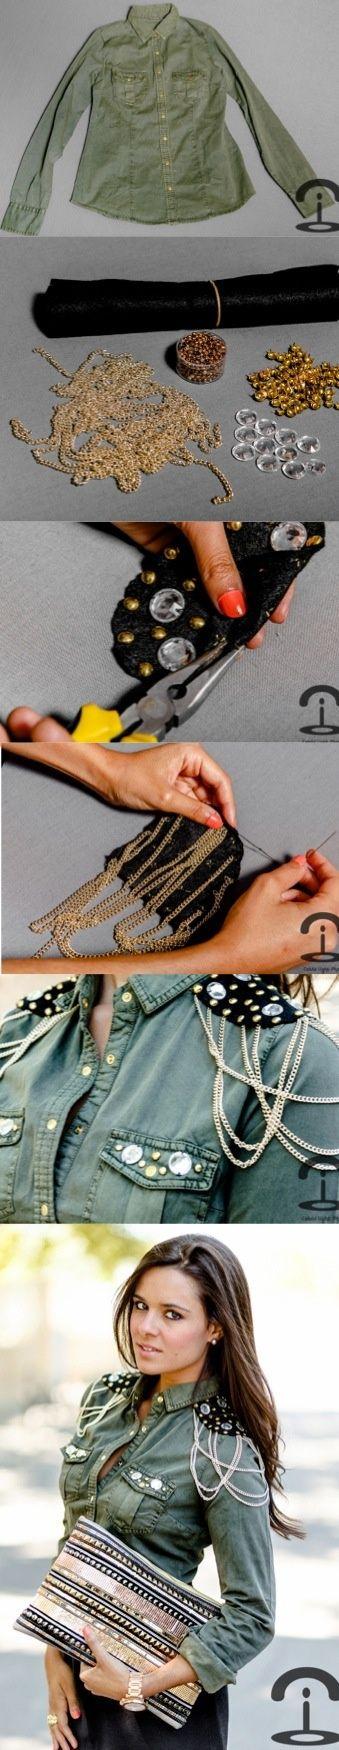 DIY Crimenes de la Moda - Military shirt - Camisa militar - chain - embellished - cadenas - gold - dorado: